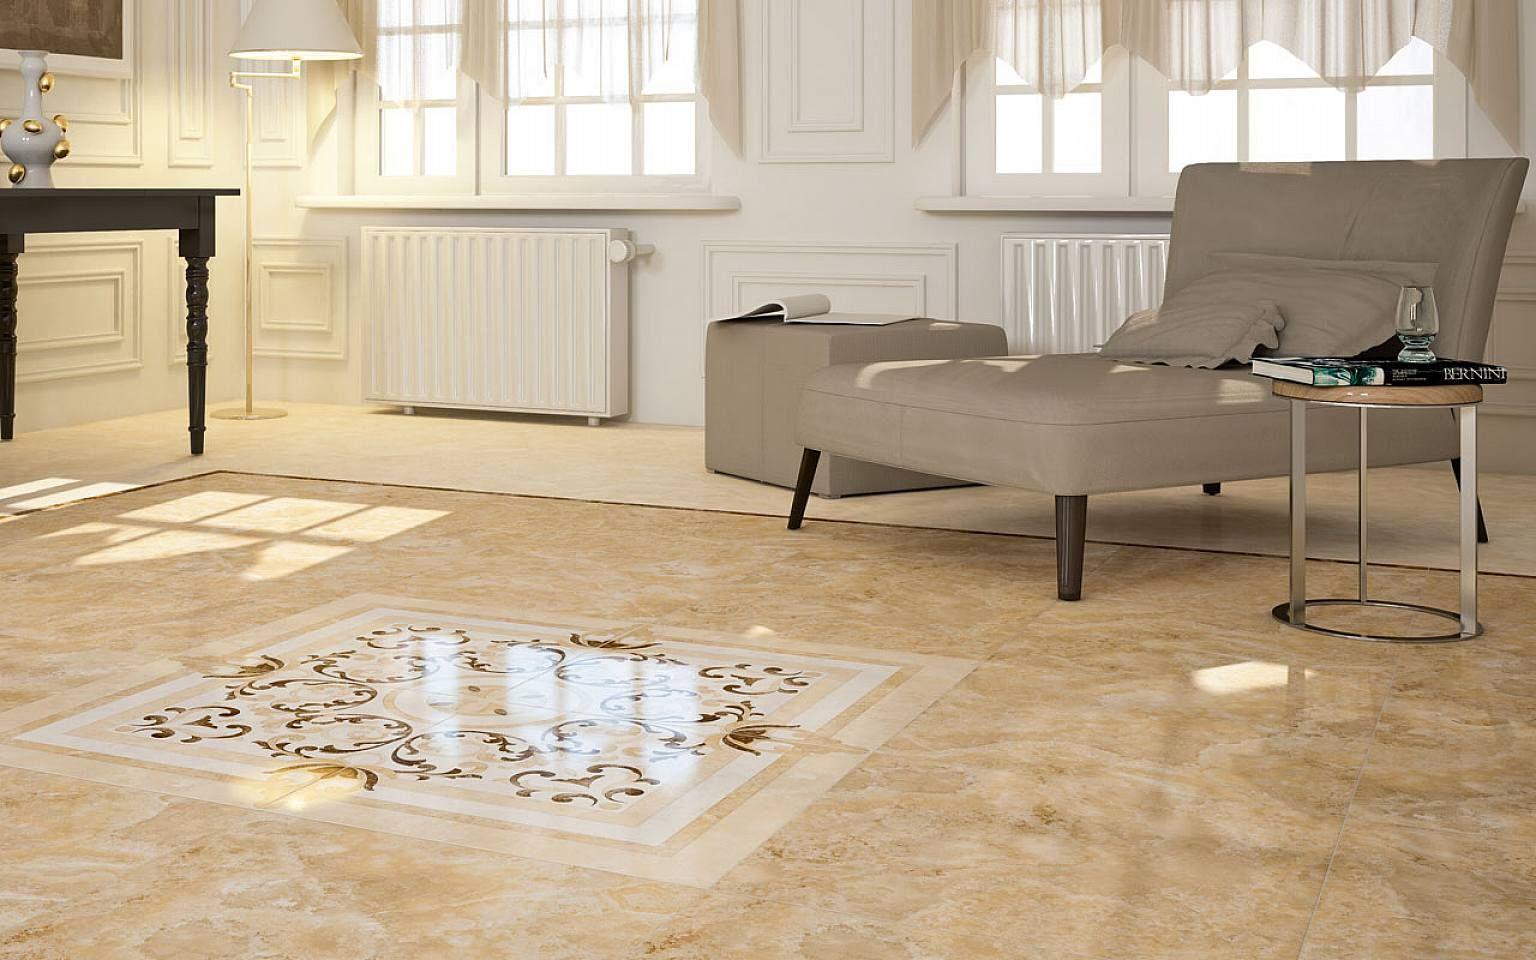 Ceramic Tile Design Ideas For Living Room Yes Yes Go - Kitchen wall ceramic tile design